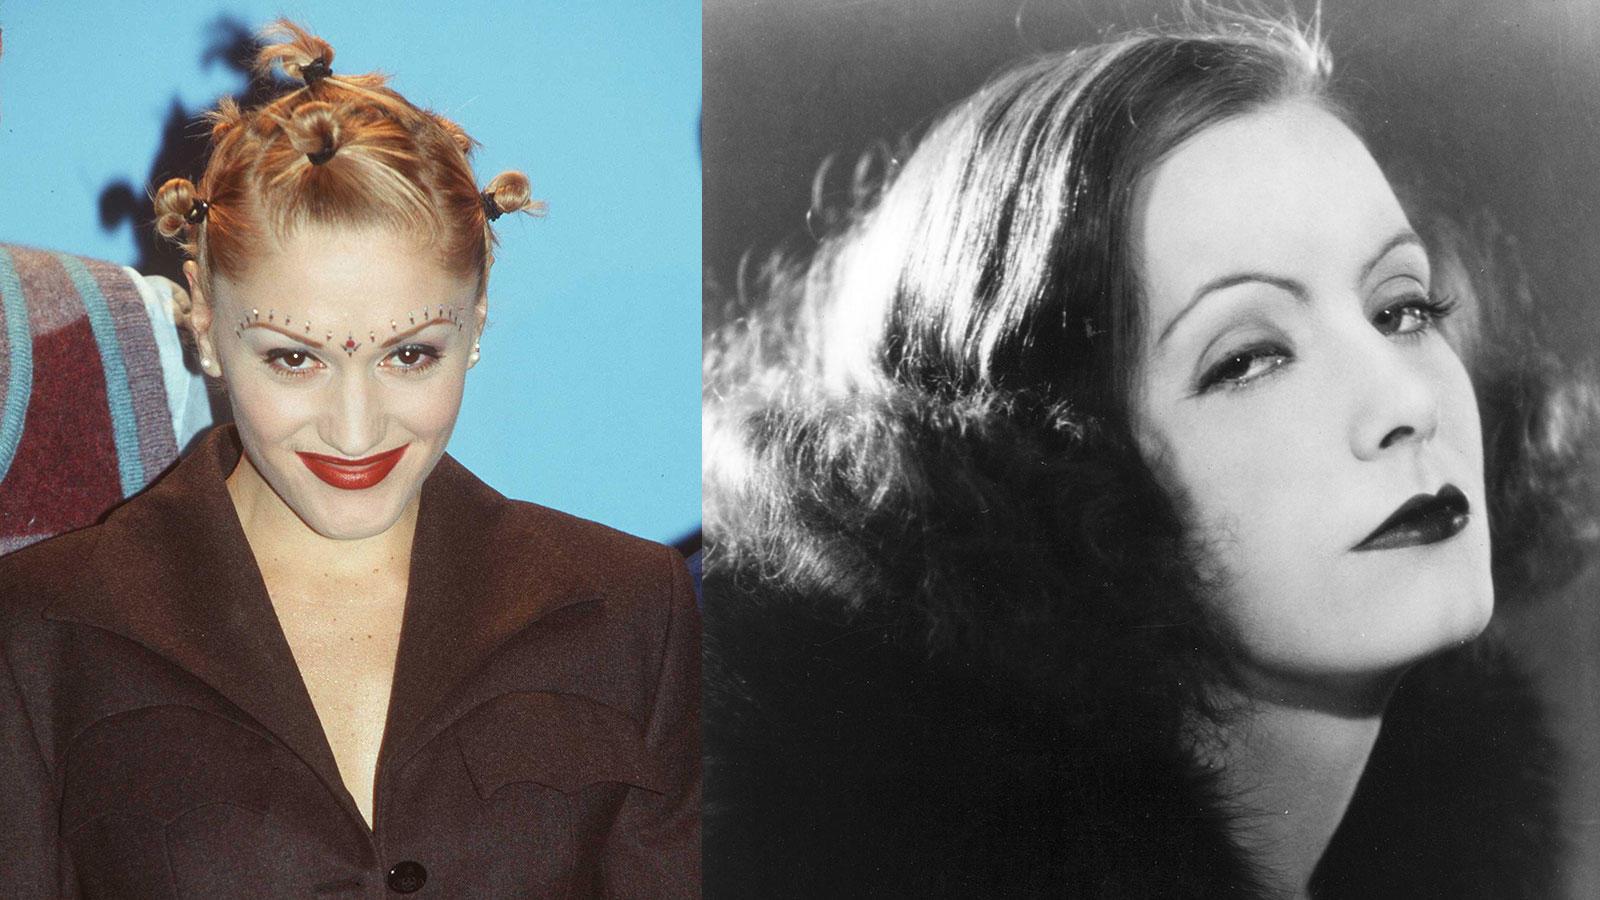 Utoljára Greta Garbónak állt jól. De valójában még neki sem. Sokkal jobb lesz mindenkinek, ha örökre elfelejtjük. (Getty Images)